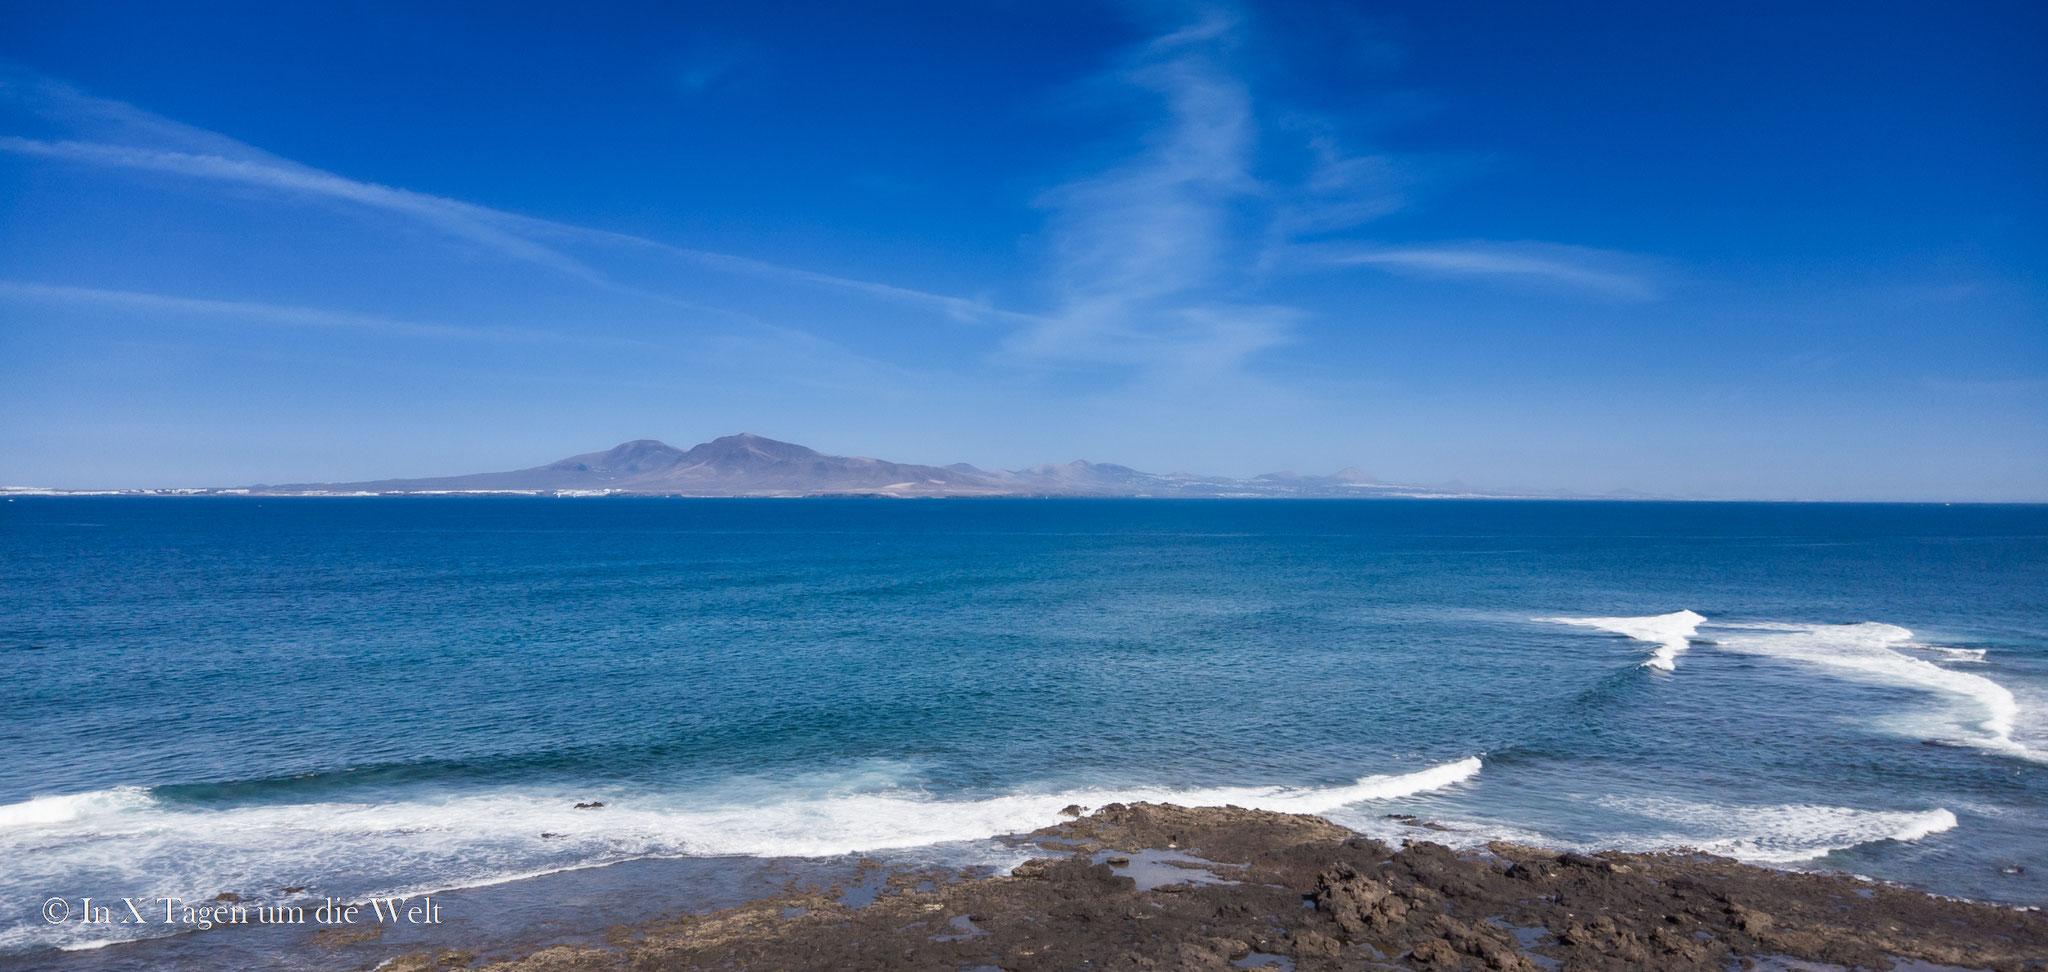 Blick hinüber auf Playa Blanca und die Ostseite von Lanzarote